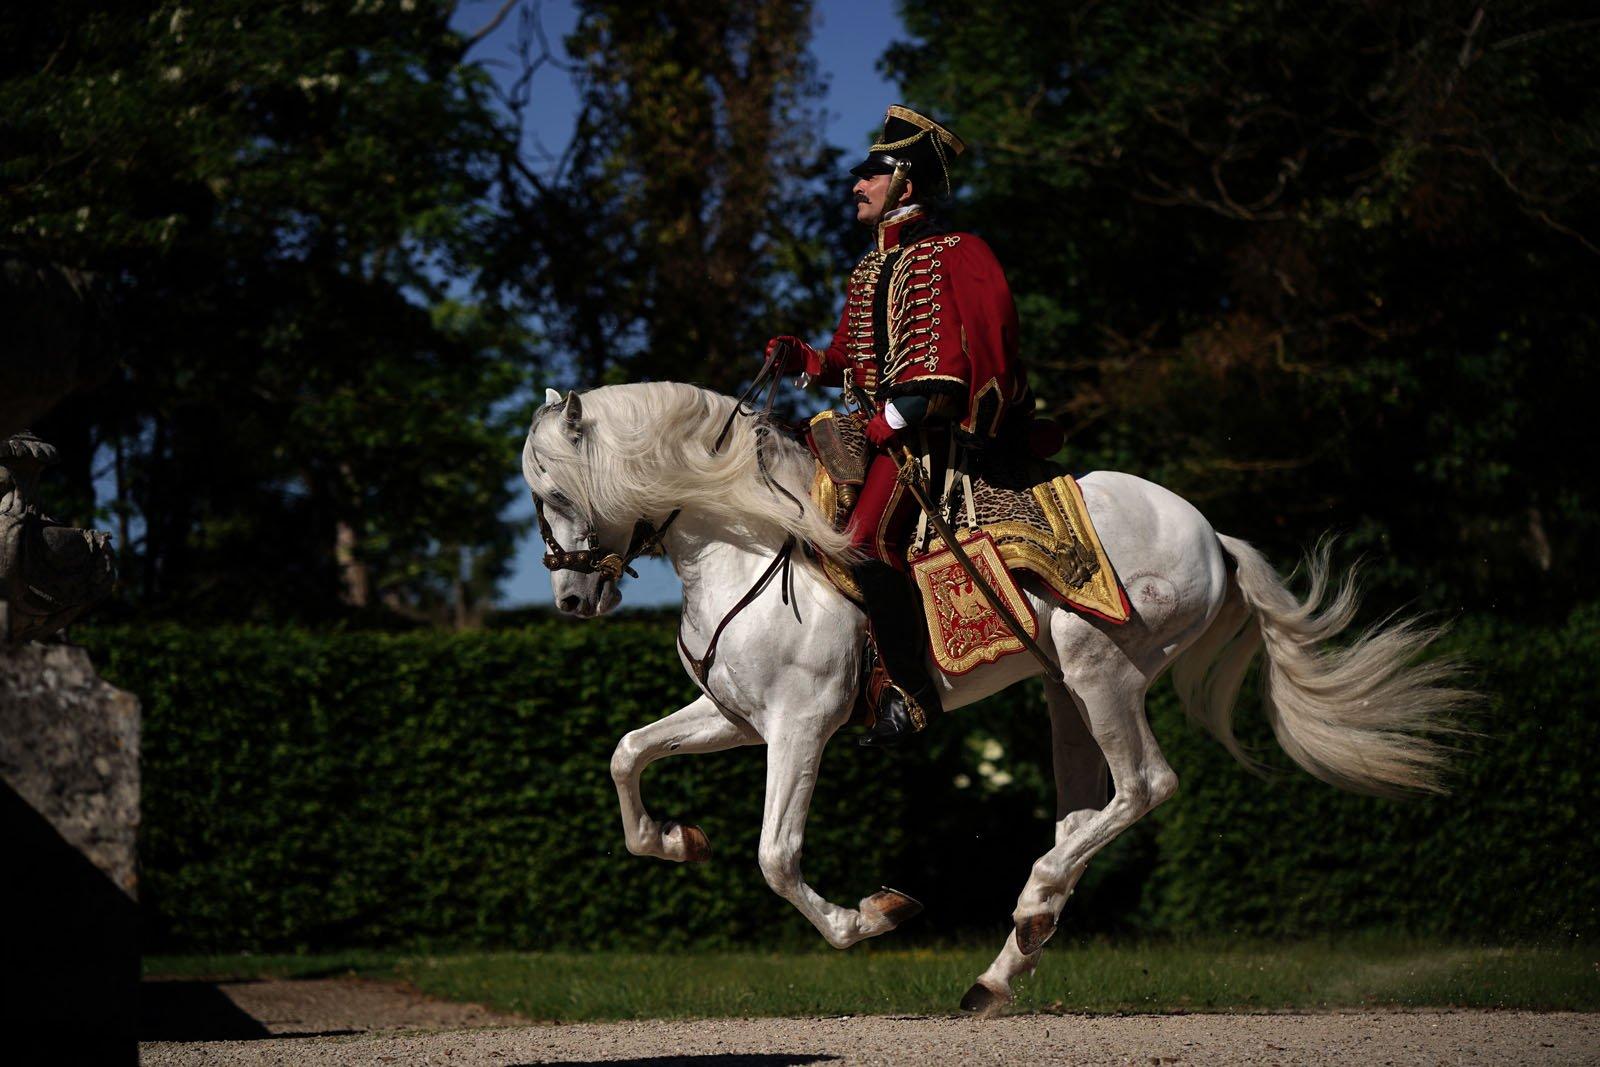 Le retour du h ros dujardin revient parmi les siens for Dujardin retour du heros